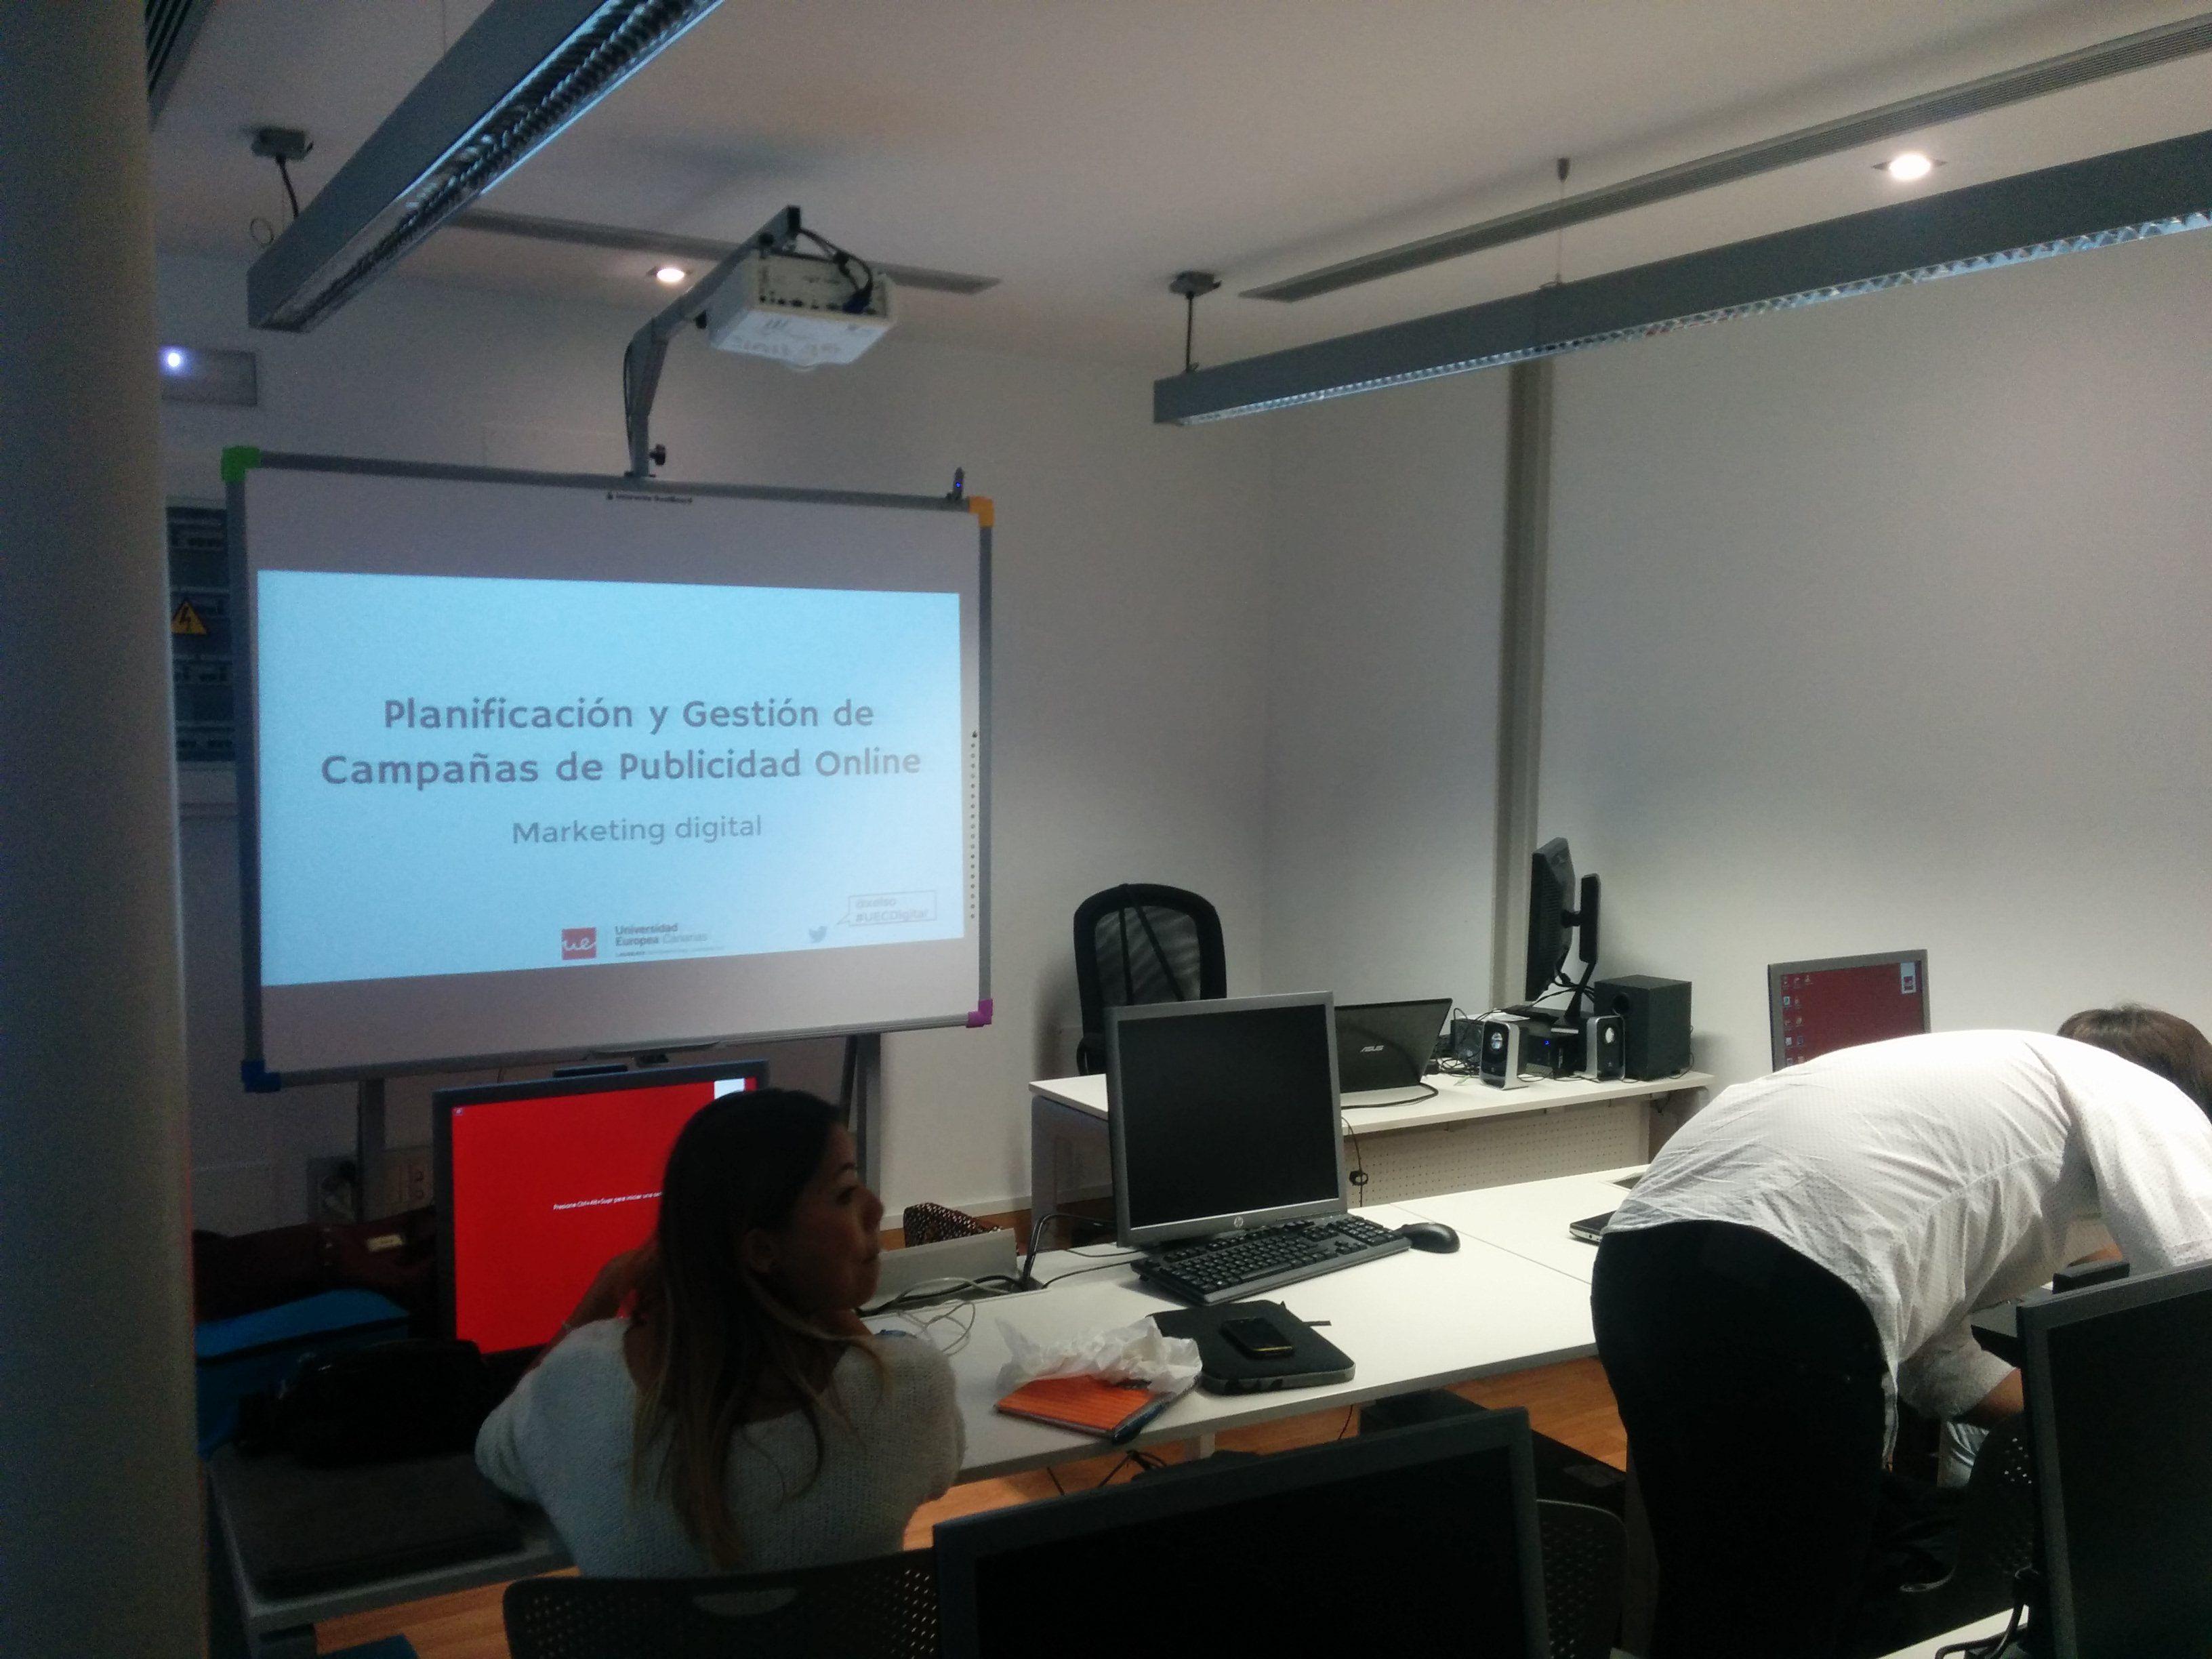 Planificación y Gestións de Campañas de Publicidad Online - Universidad Europea de Canarias